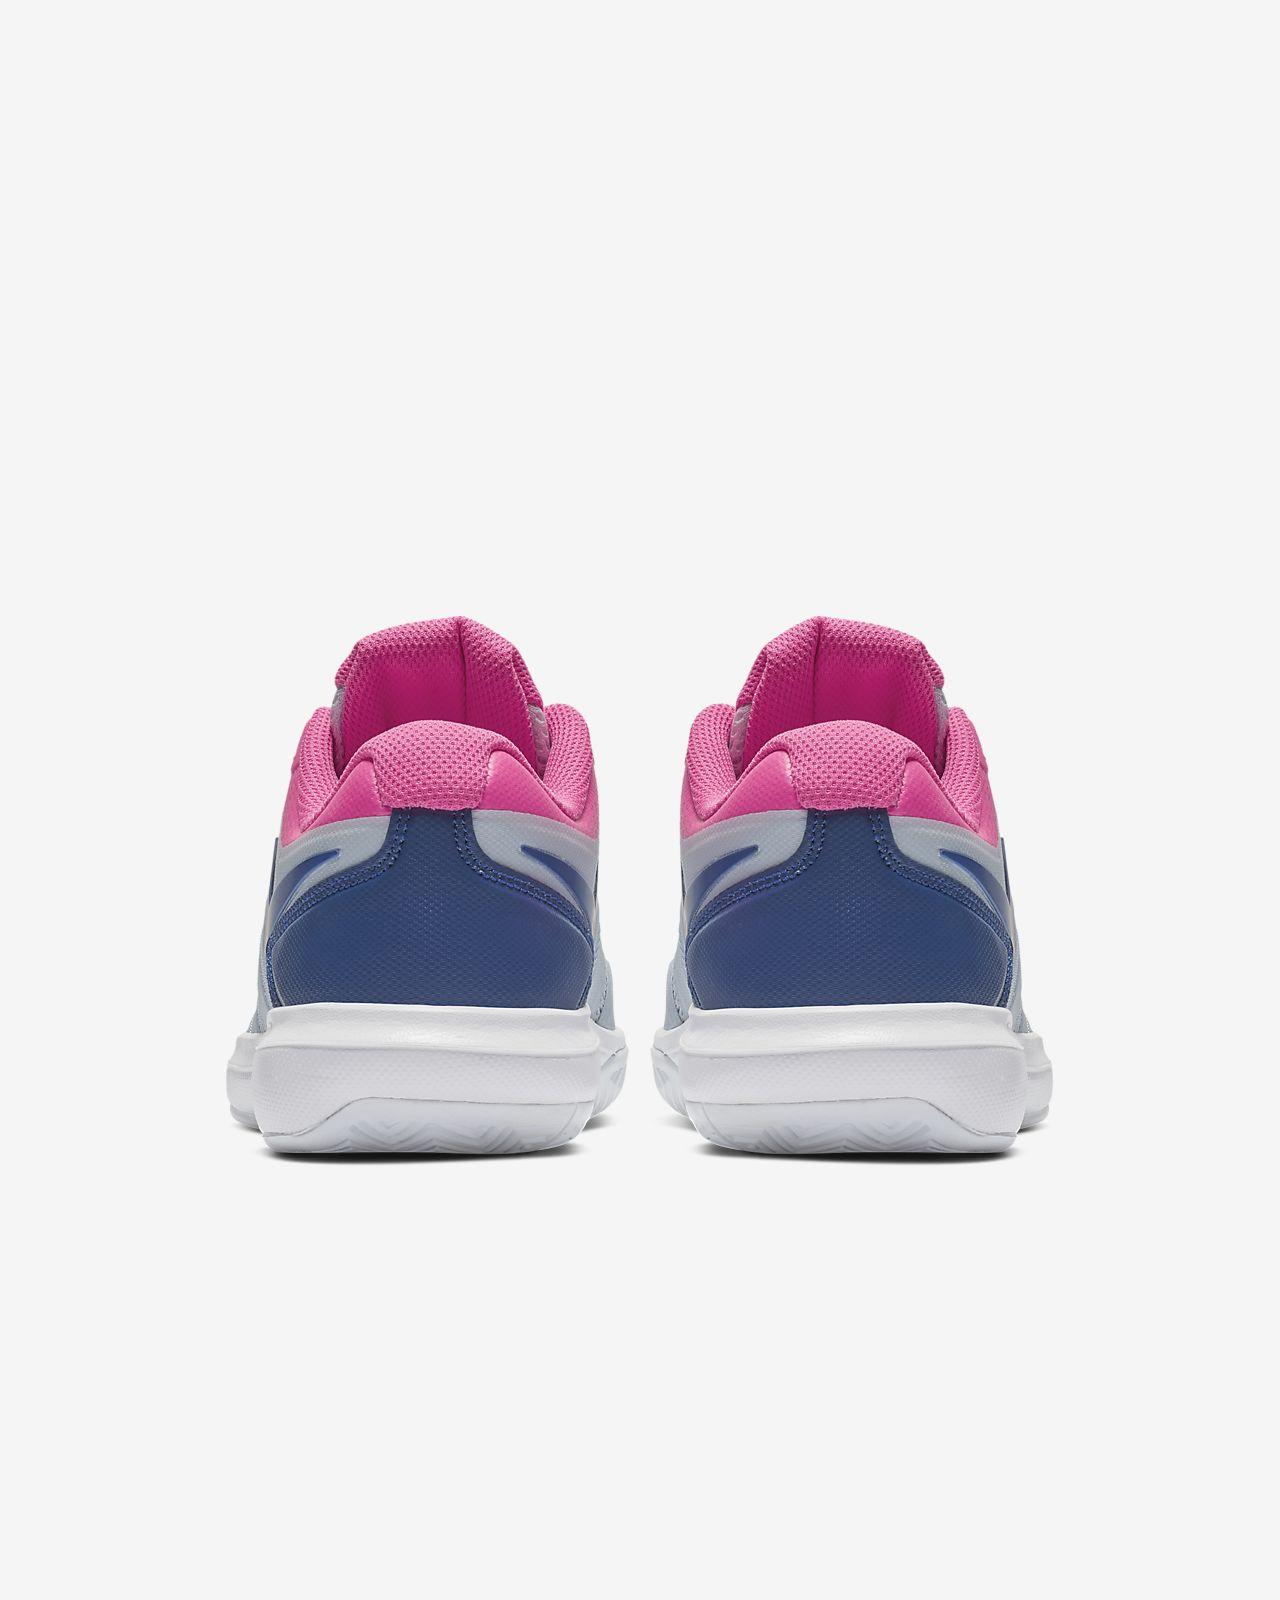 b9b456194b ... Sapatilhas de ténis para piso duro NikeCourt Air Zoom Prestige para  mulher